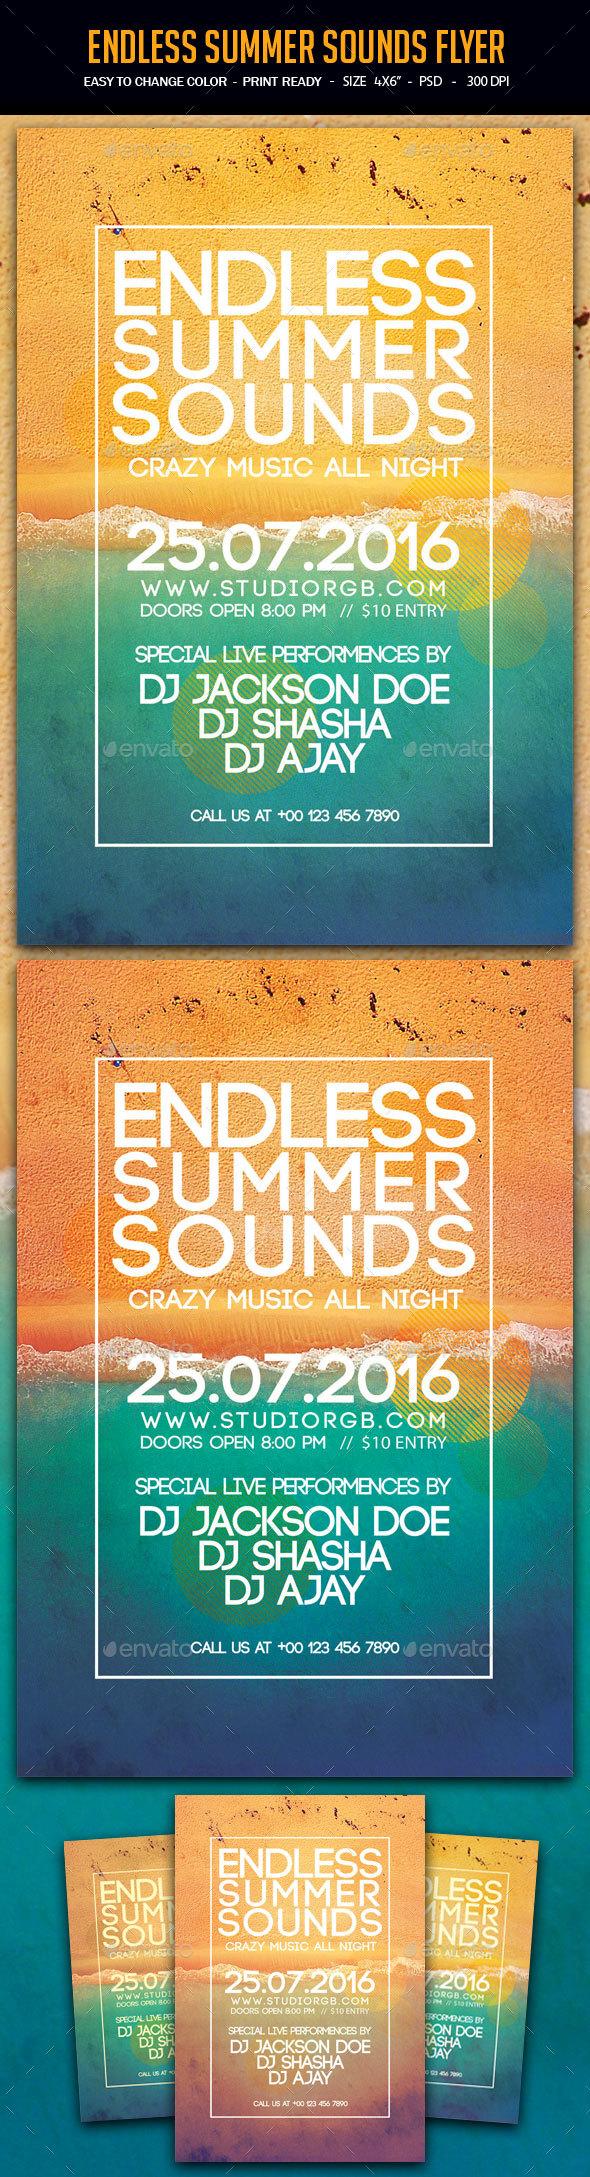 Endless Summer Sounds Flyer